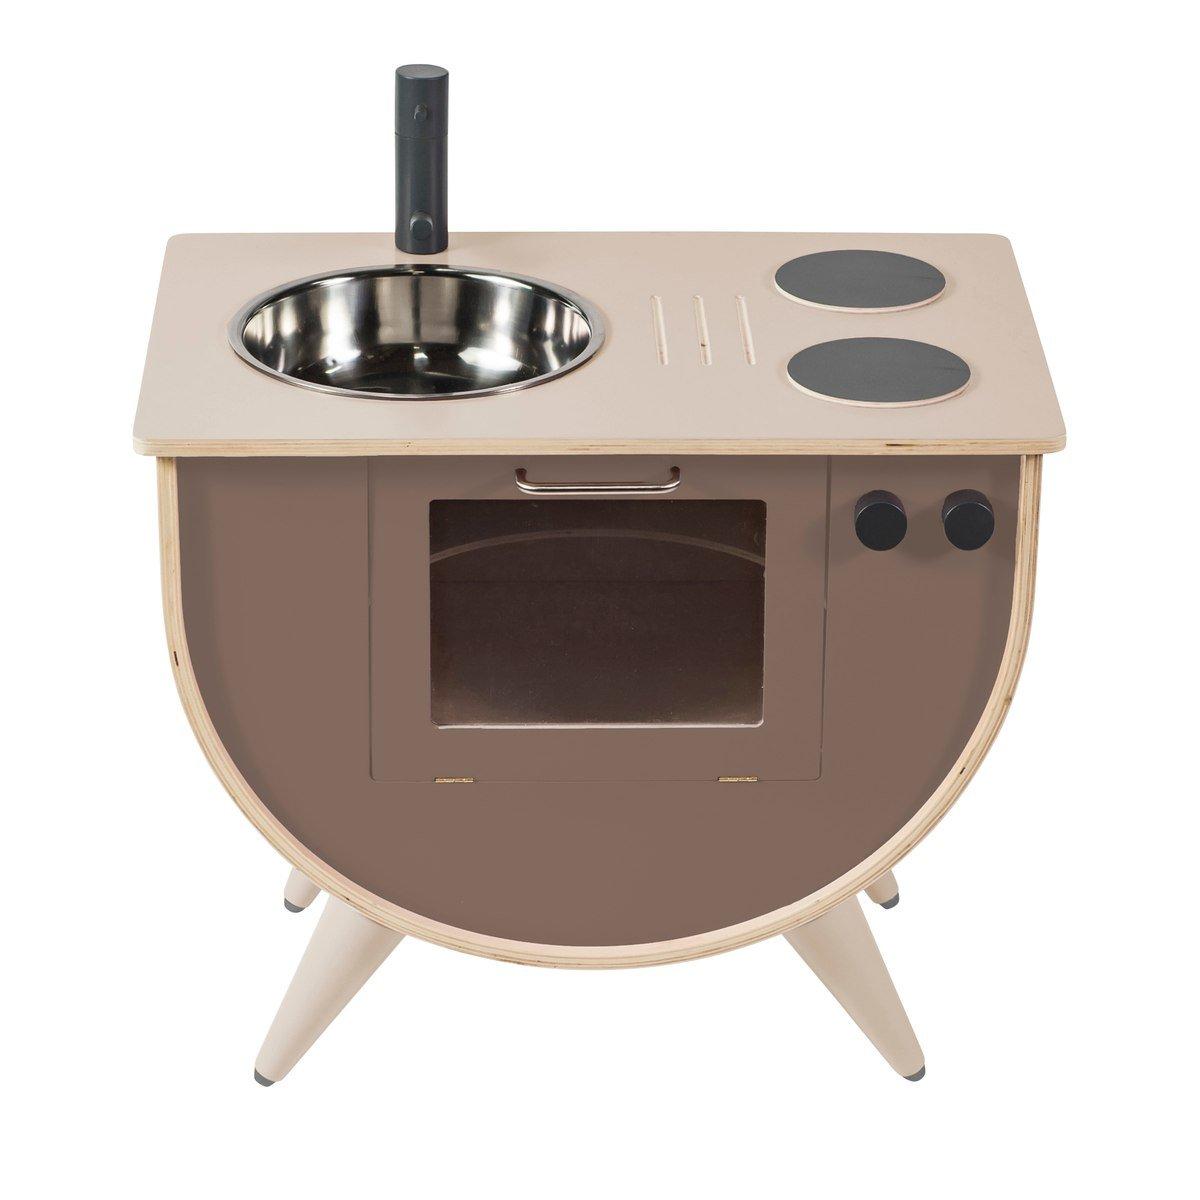 Full Size of 1 Sebra Spielkche Aus Holz In Warm Grau Online Kaufen Kidswoodlove Kinder Spielküche Wohnzimmer Spielküche